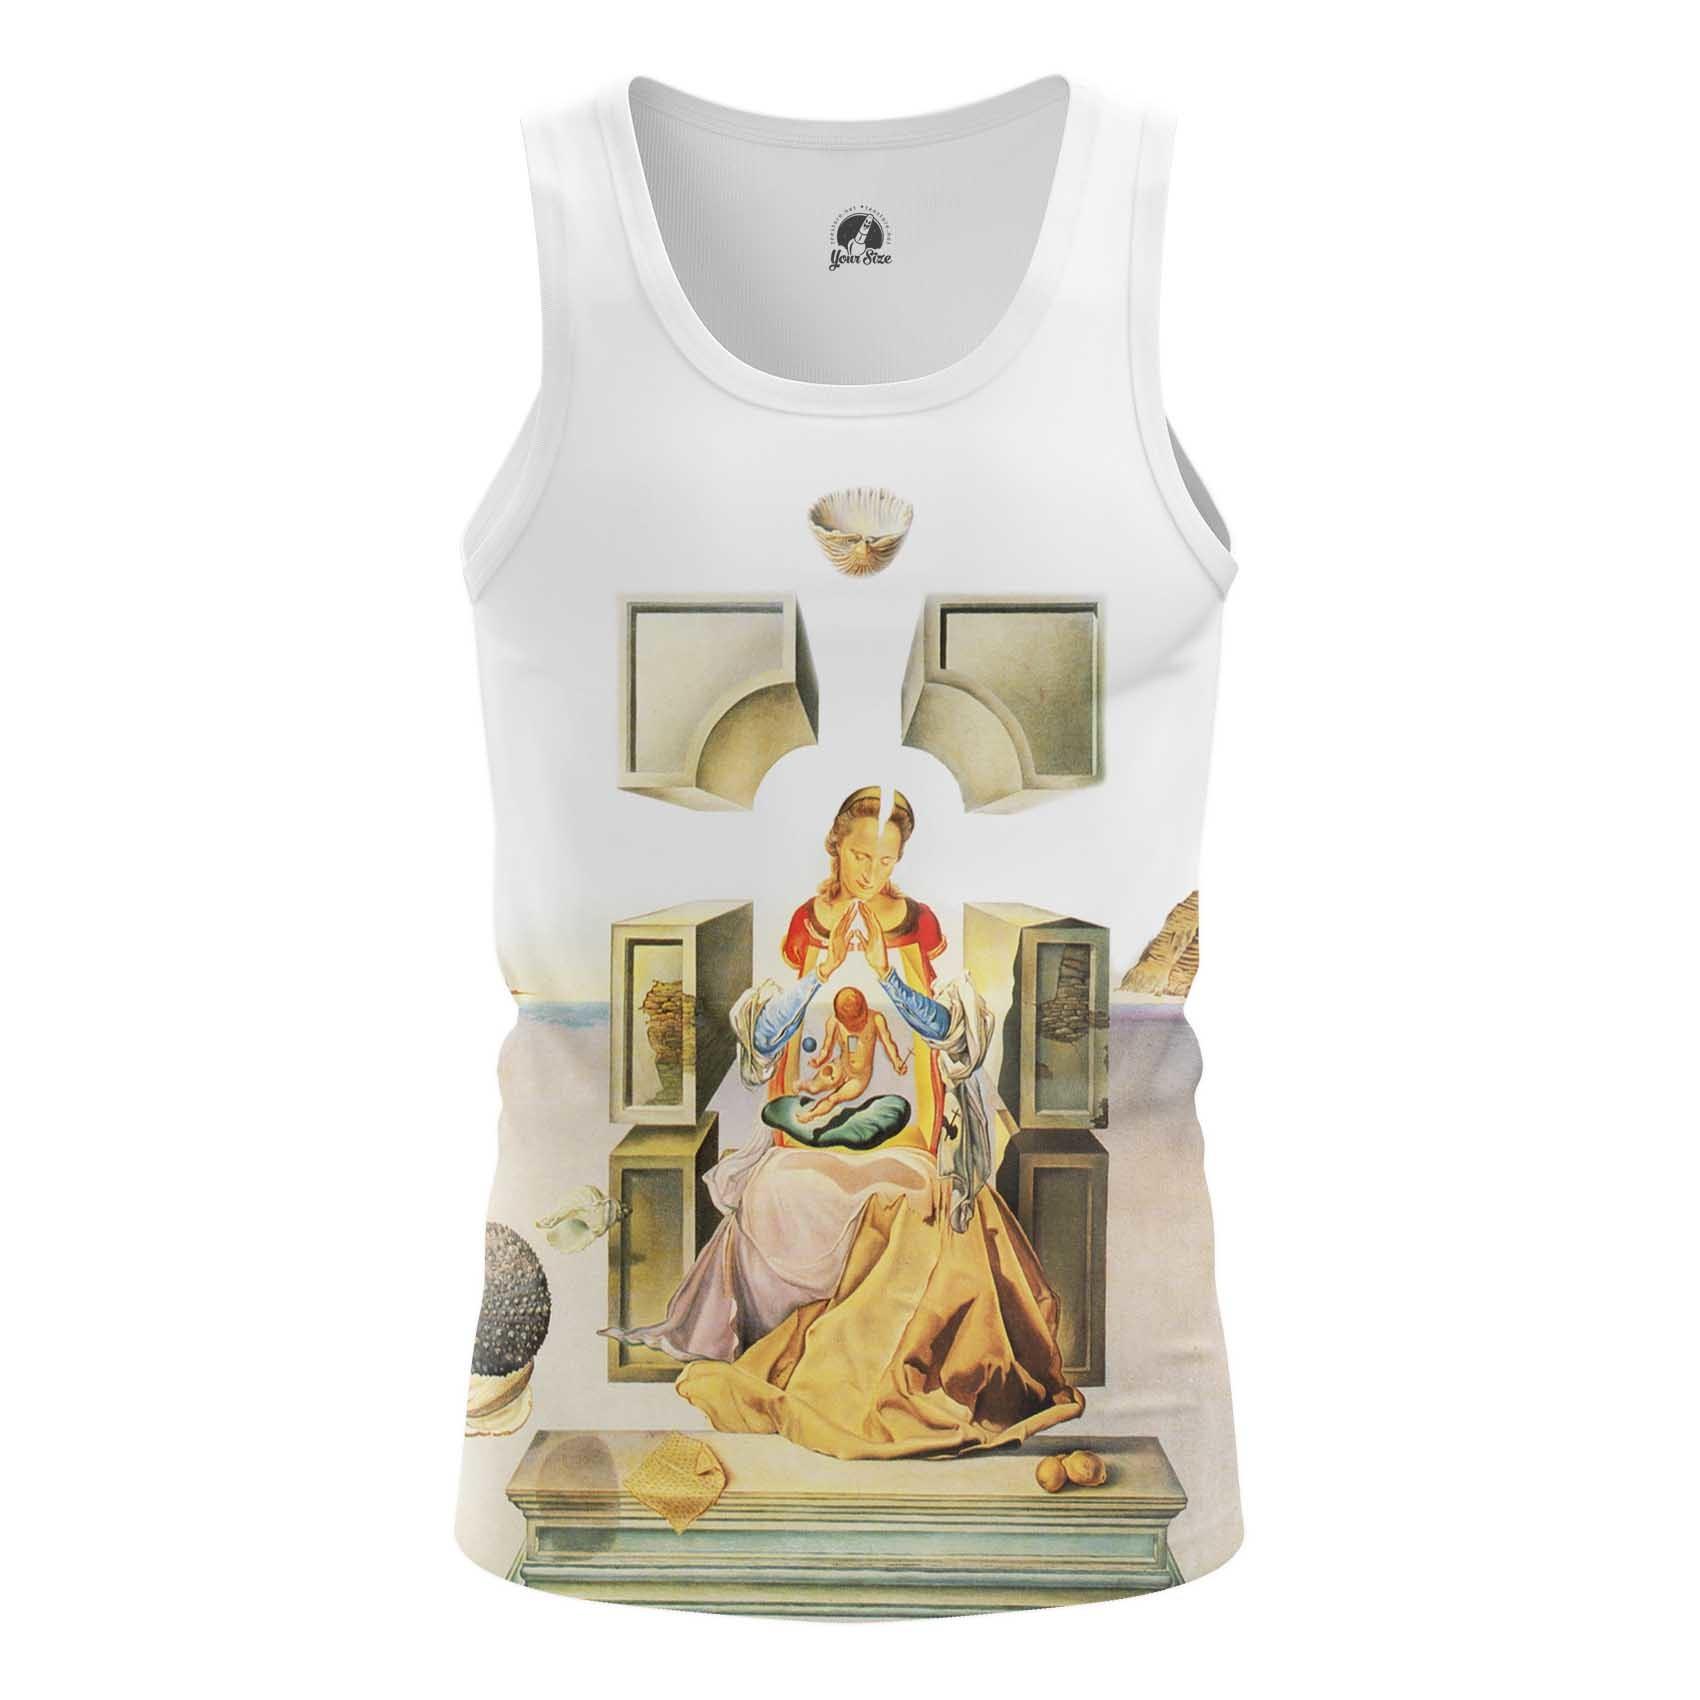 Merchandise T-Shirt Madonna Of Port Lligat Salvador Dali